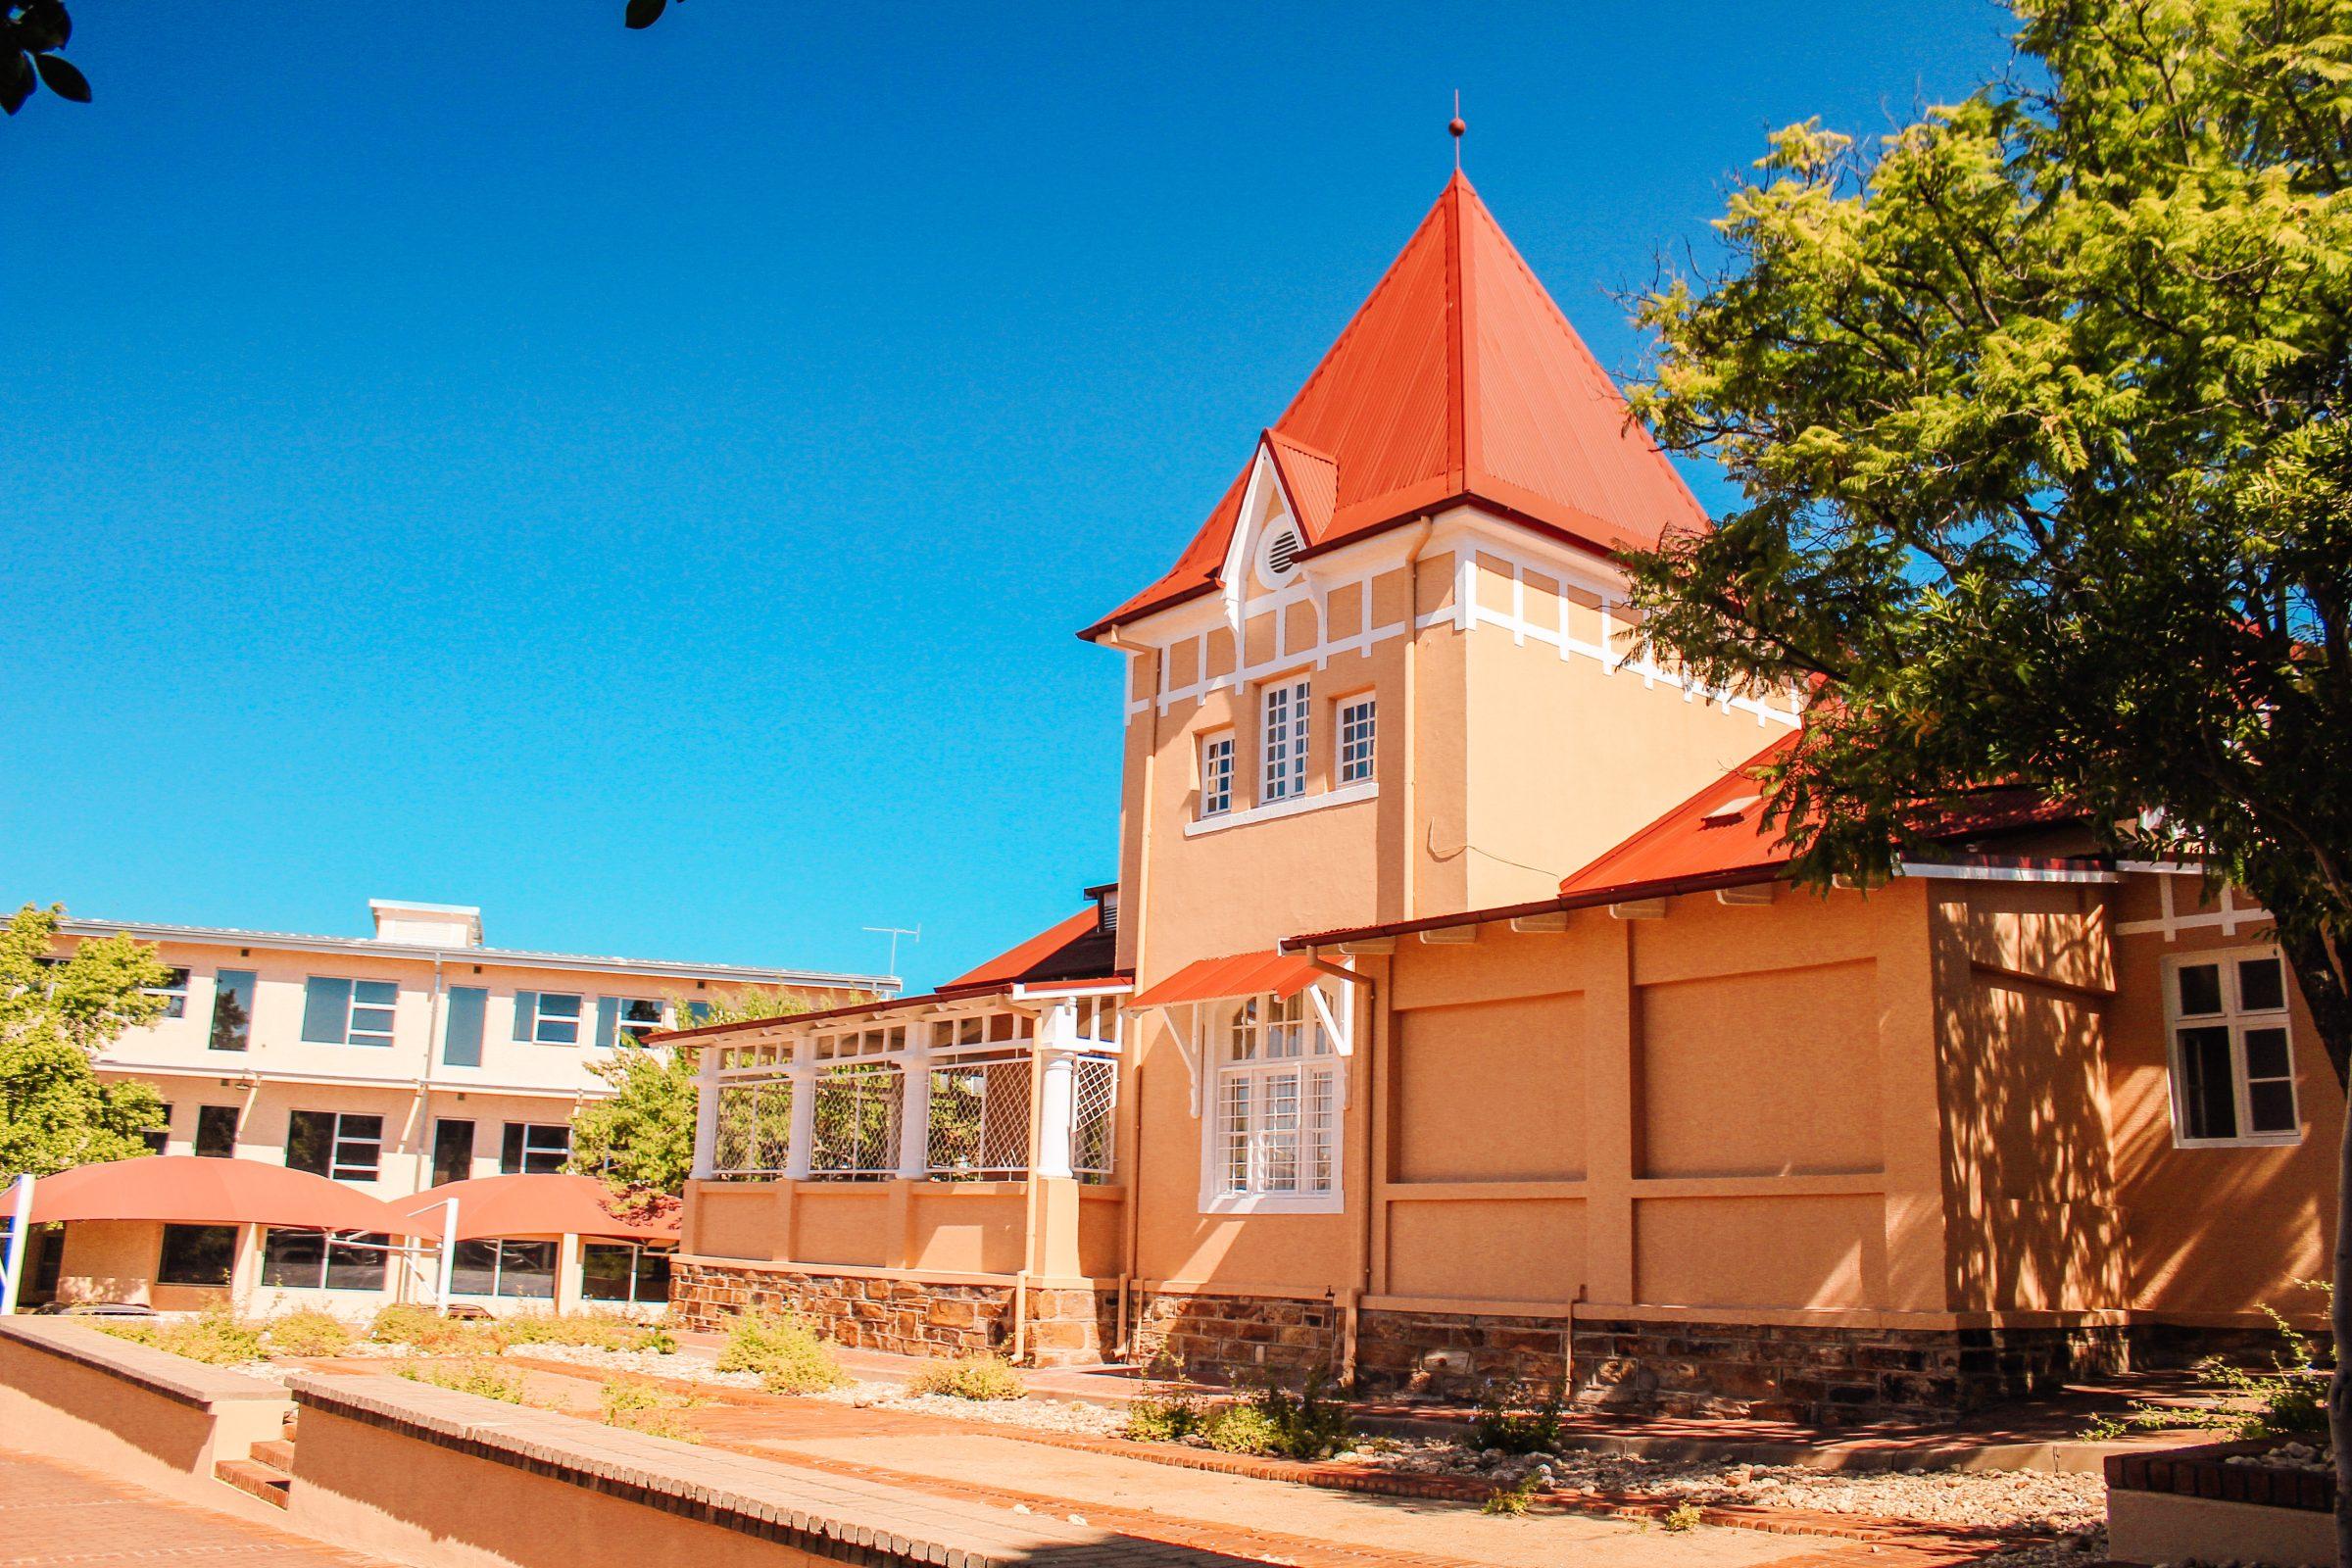 Studeren in Namibië: het oude deel van de campus NUST dat ooit begon als ziekenhuis en nu dient als collegezaal